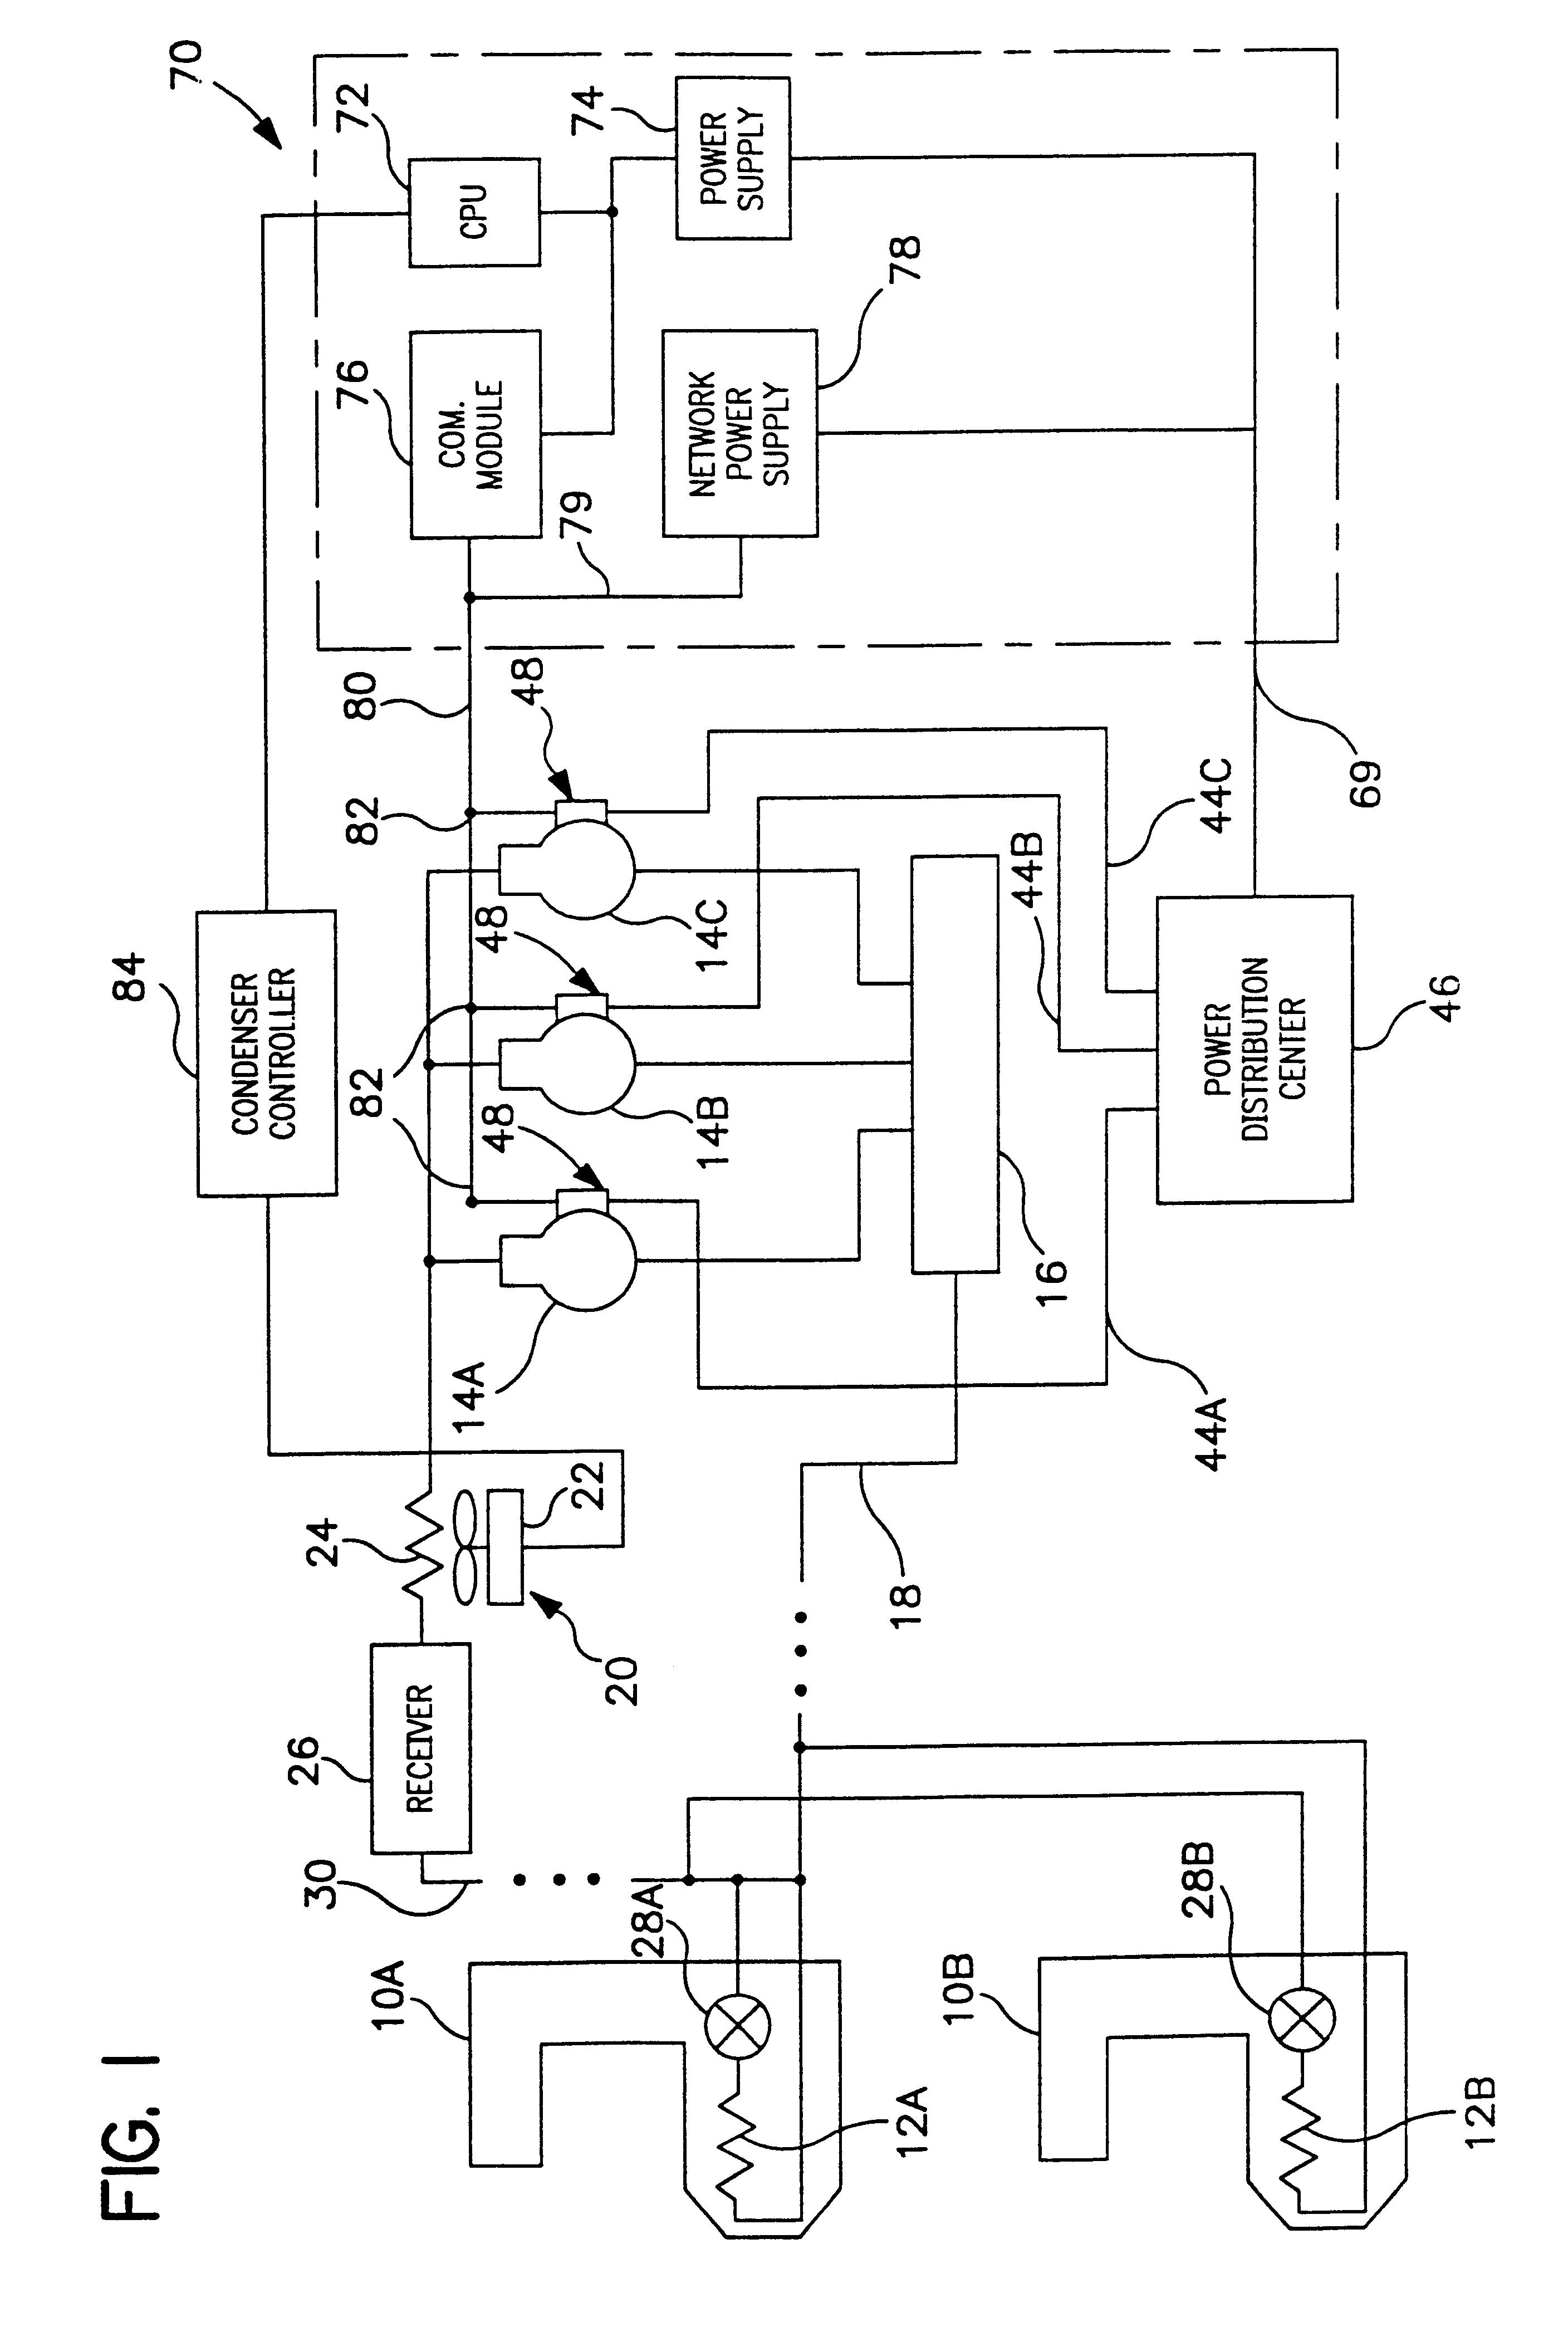 ... Hussmann Rack Wiring Diagram Wiring Diagram Sierramichelsslettvet Wiring  Low Vole Under Cabinet Lighting Hussman Wiring Diagram